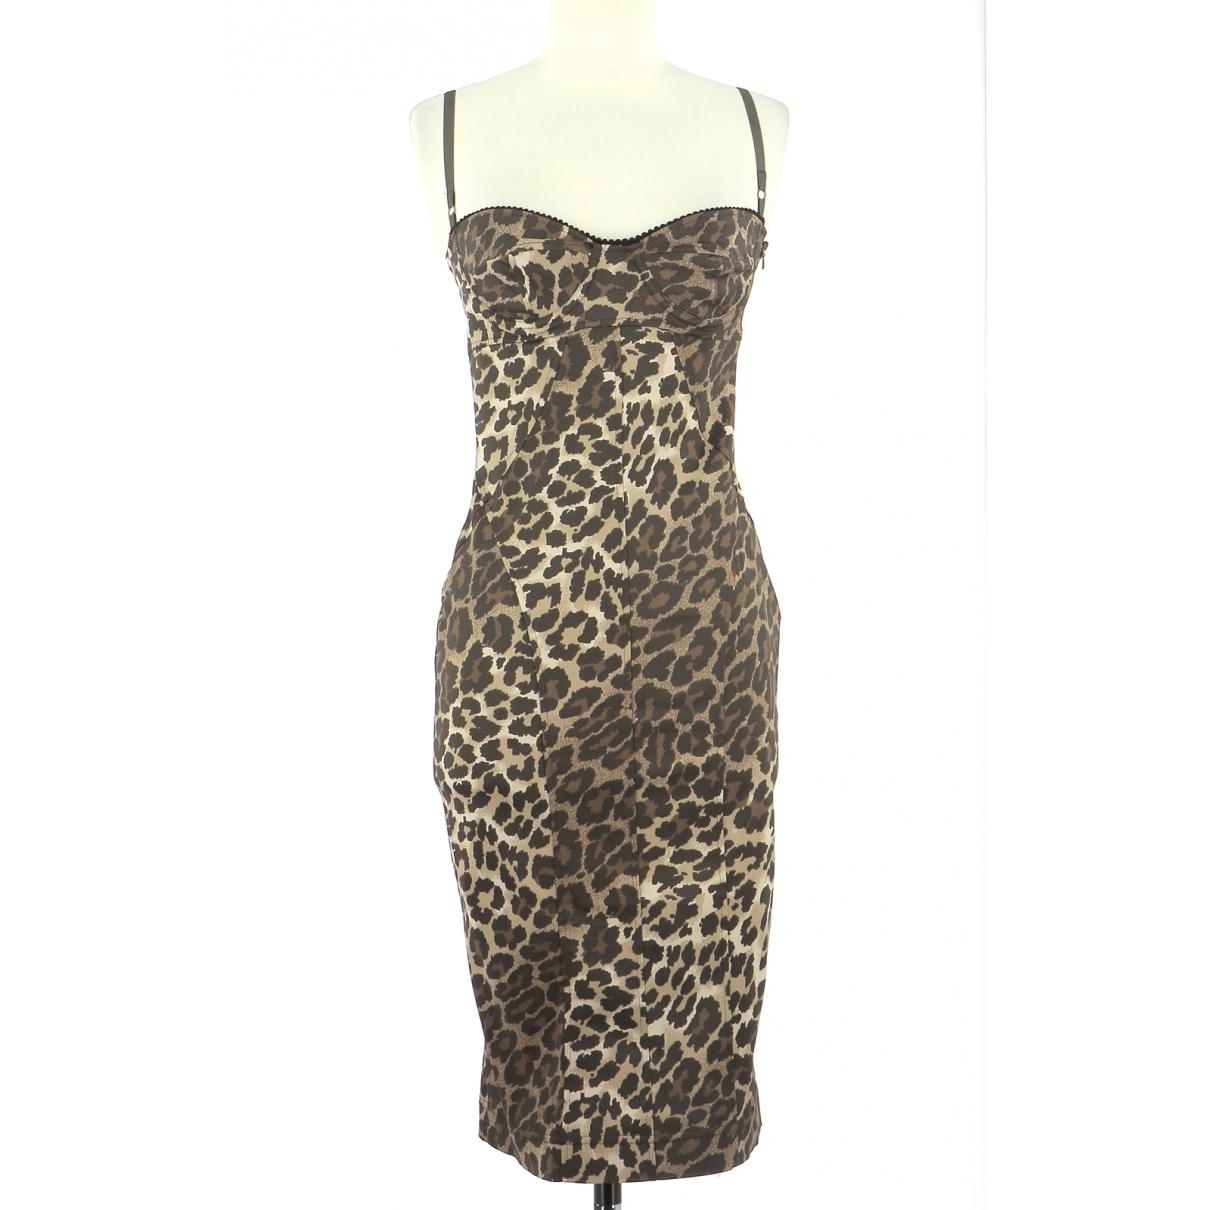 Karen Millen \N Kleid in  Braun Polyester